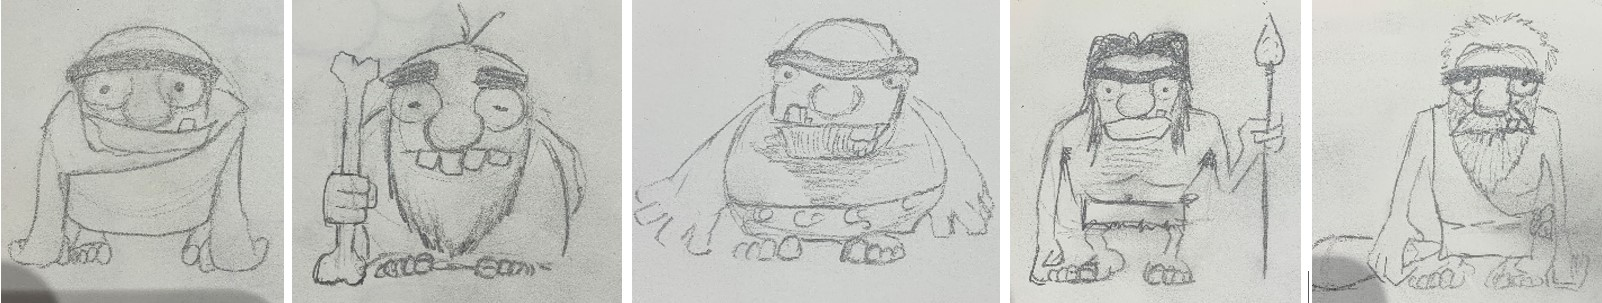 Character design des personnages d'animation en stopmotion